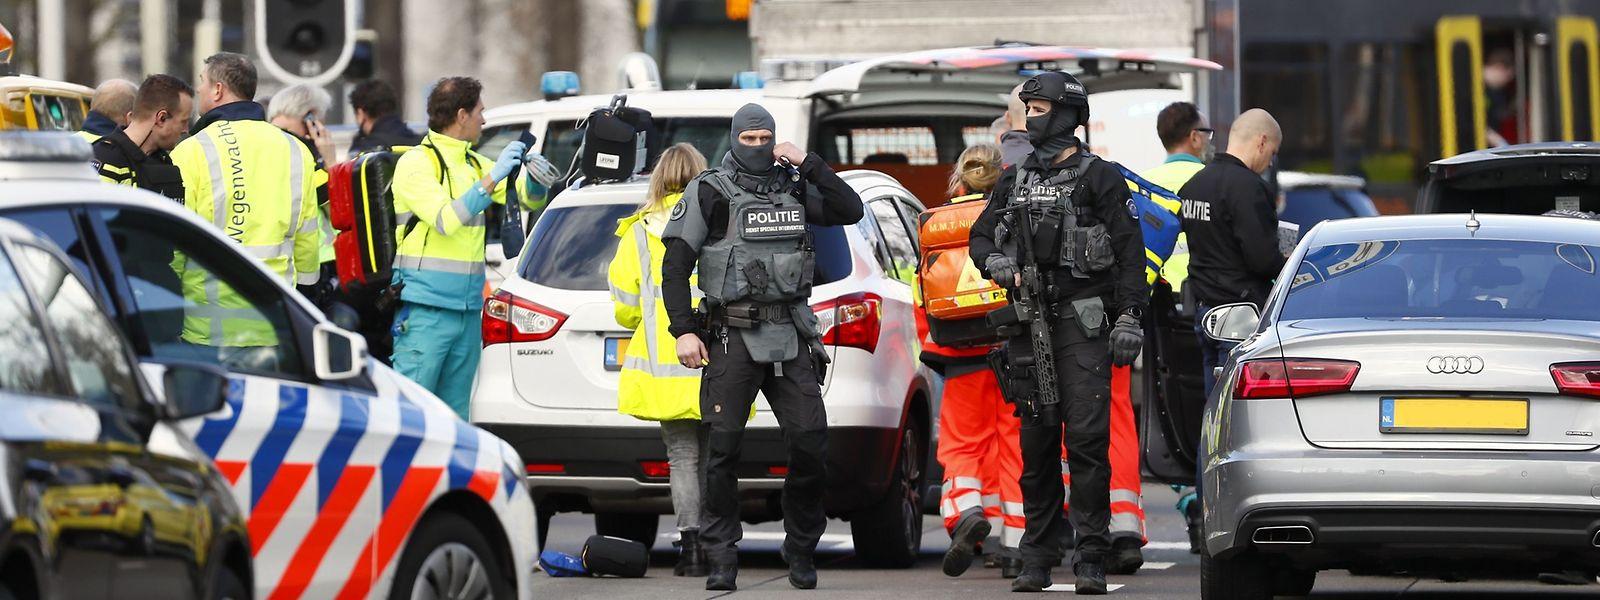 Plusieurs personnes ont été blessées lundi dans une fusillade dans un tramway dans la ville néerlandaise d'Utrecht.